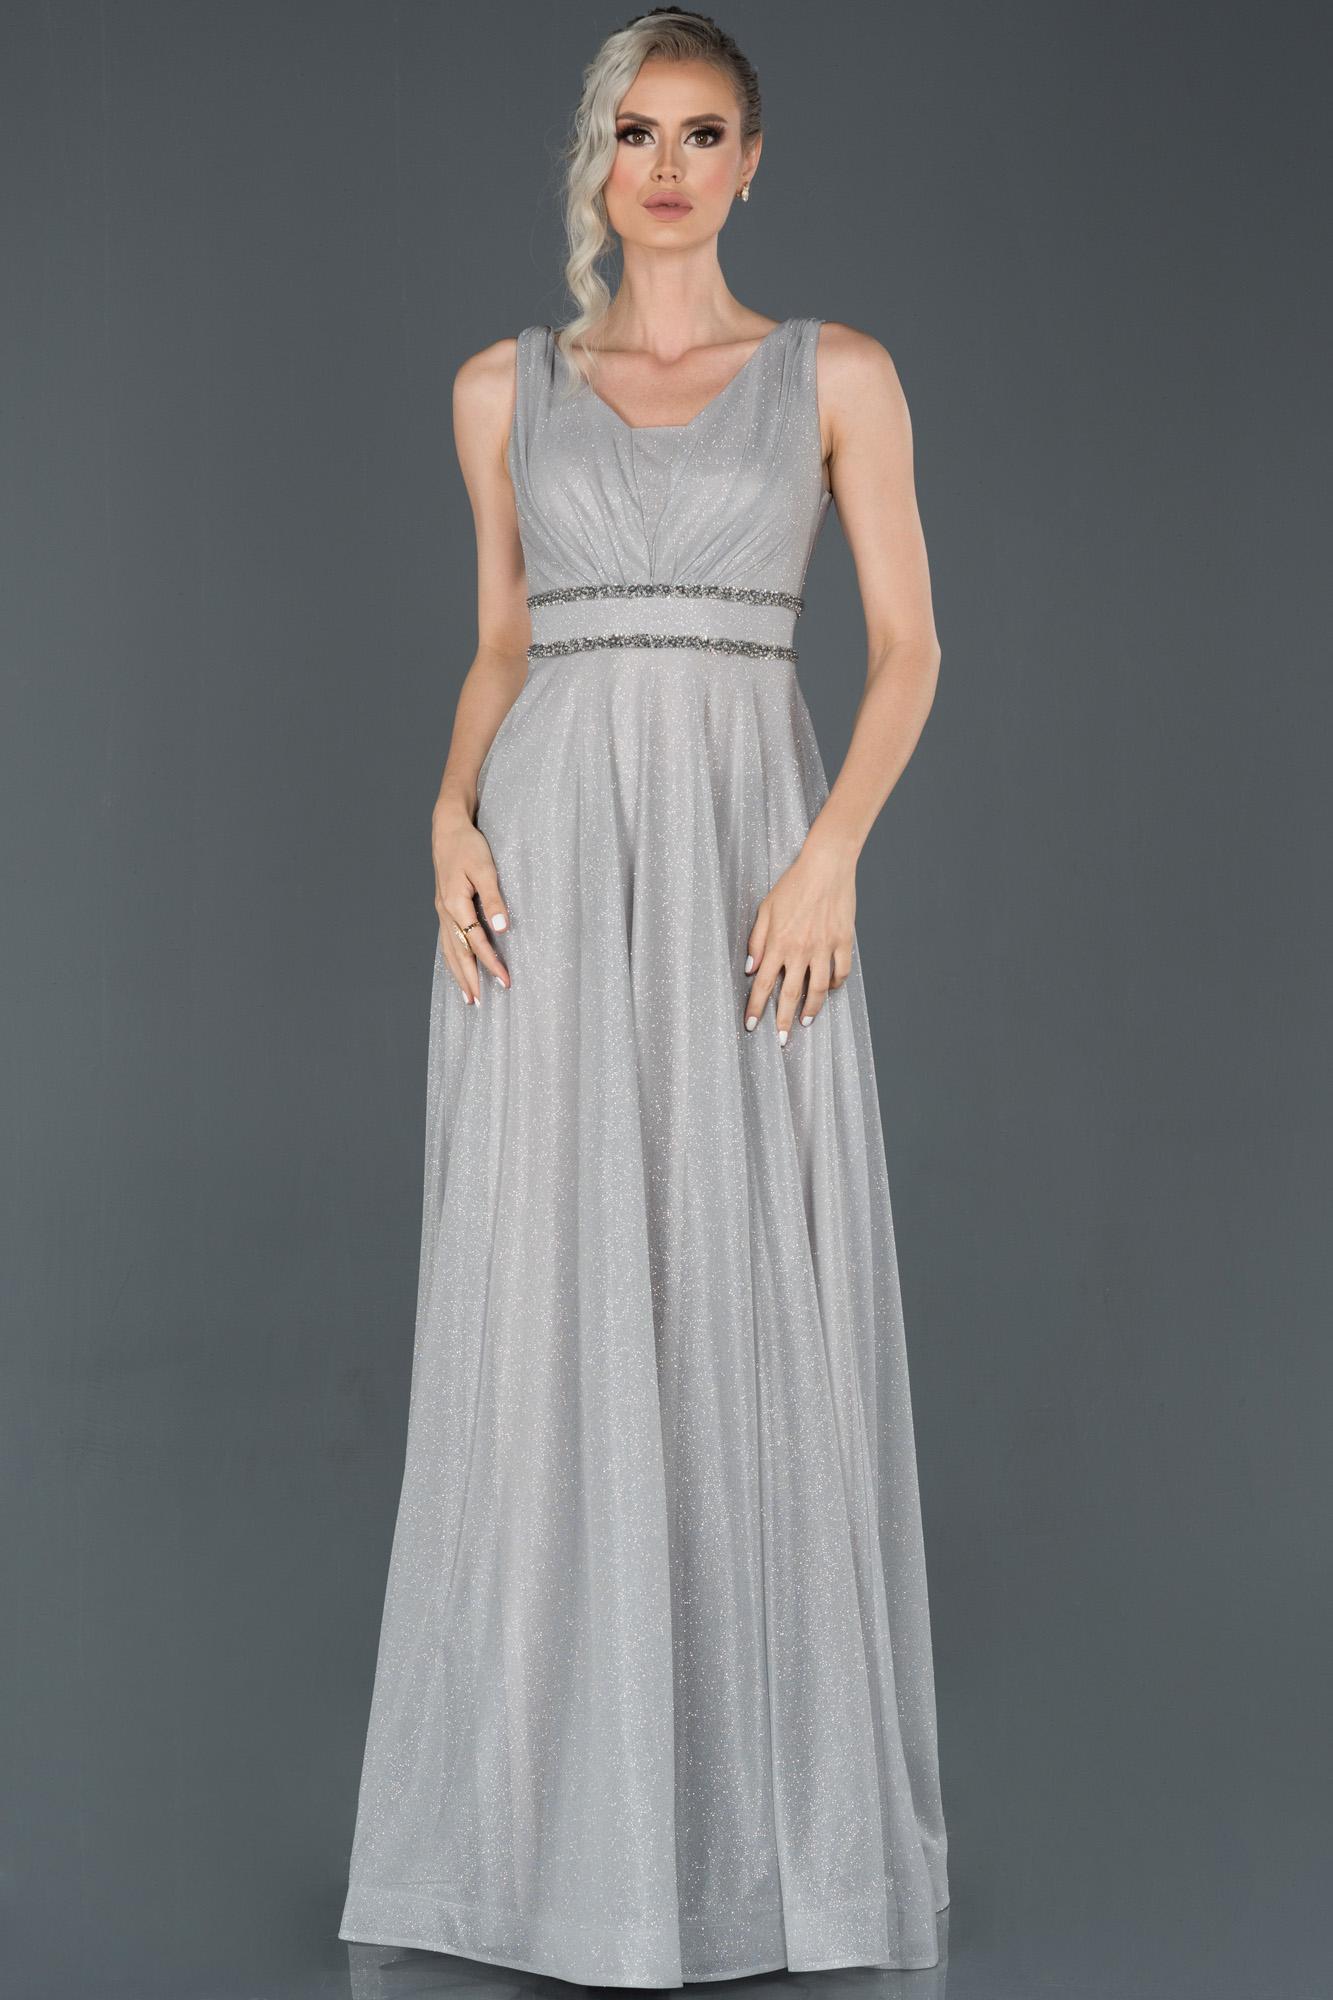 Gümüş Uzun Simli Dekoltesiz Abiye Elbise